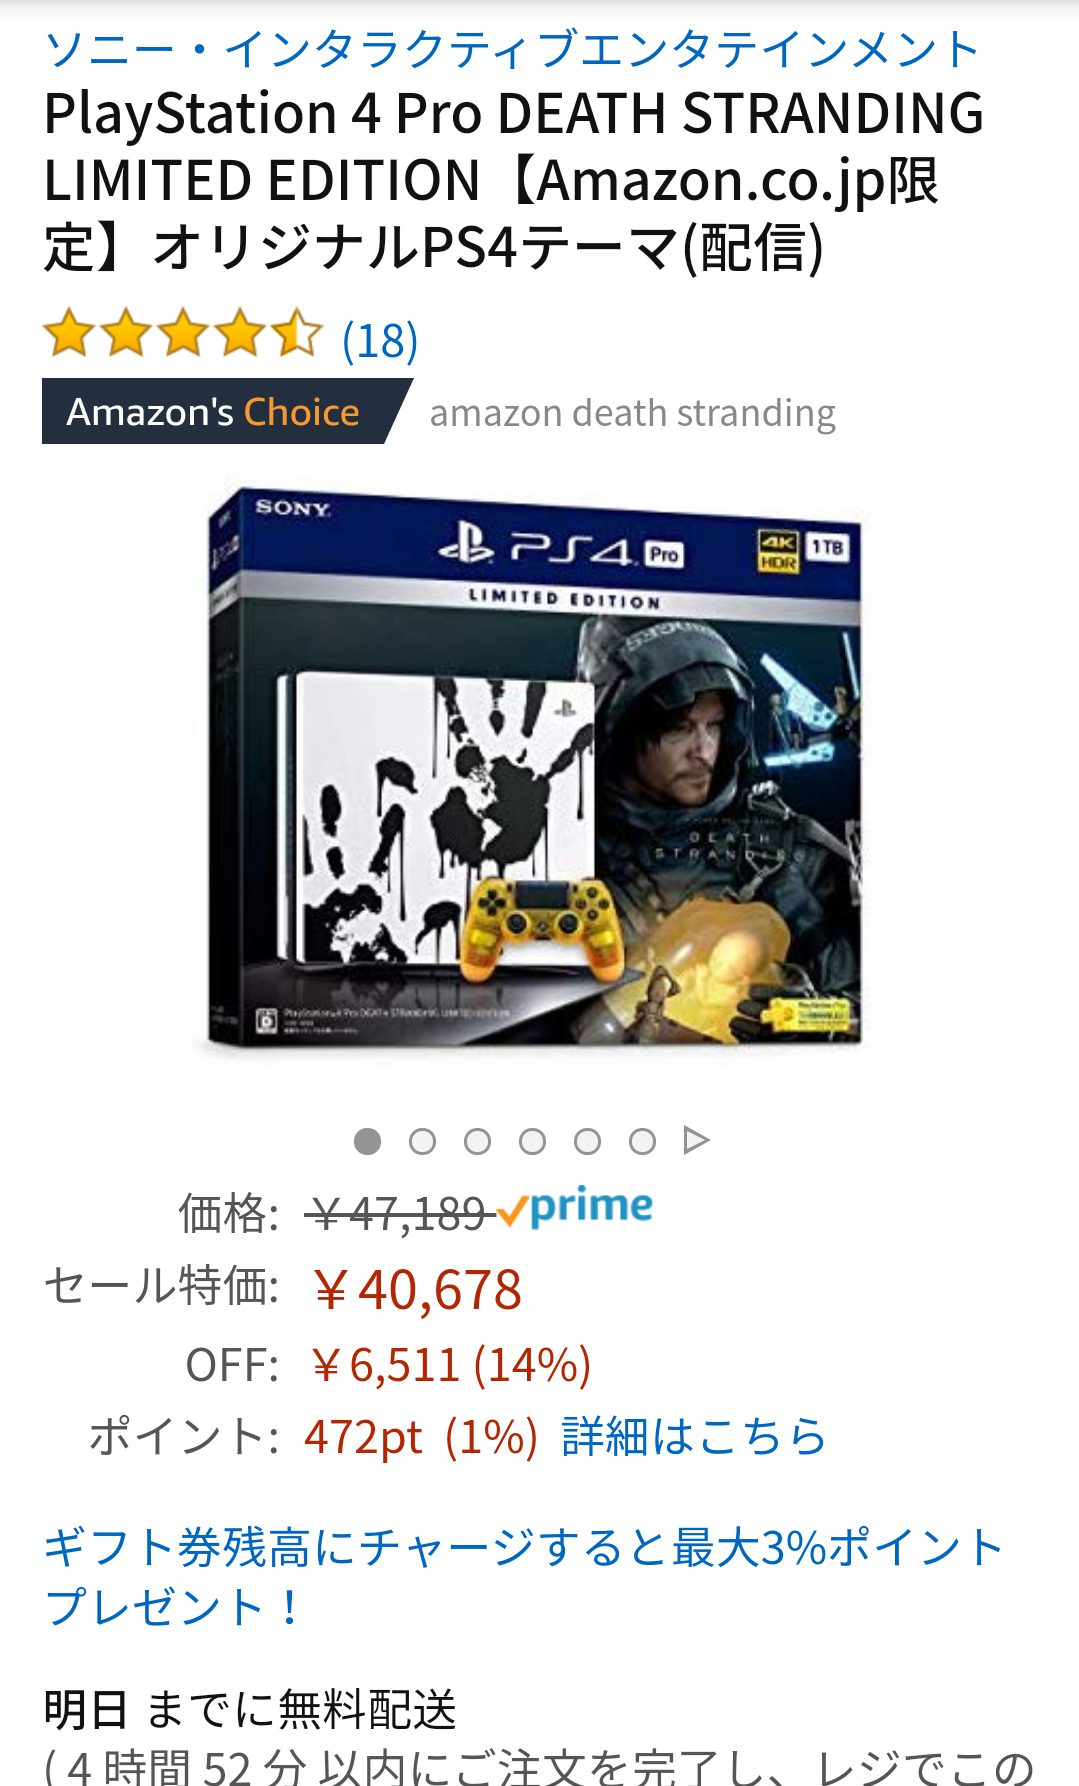 q7JaWUP - 【速報】AmazonサイバーマンデーセールのPS4がマジで激安!本体1万円引き+ソフト2本無料